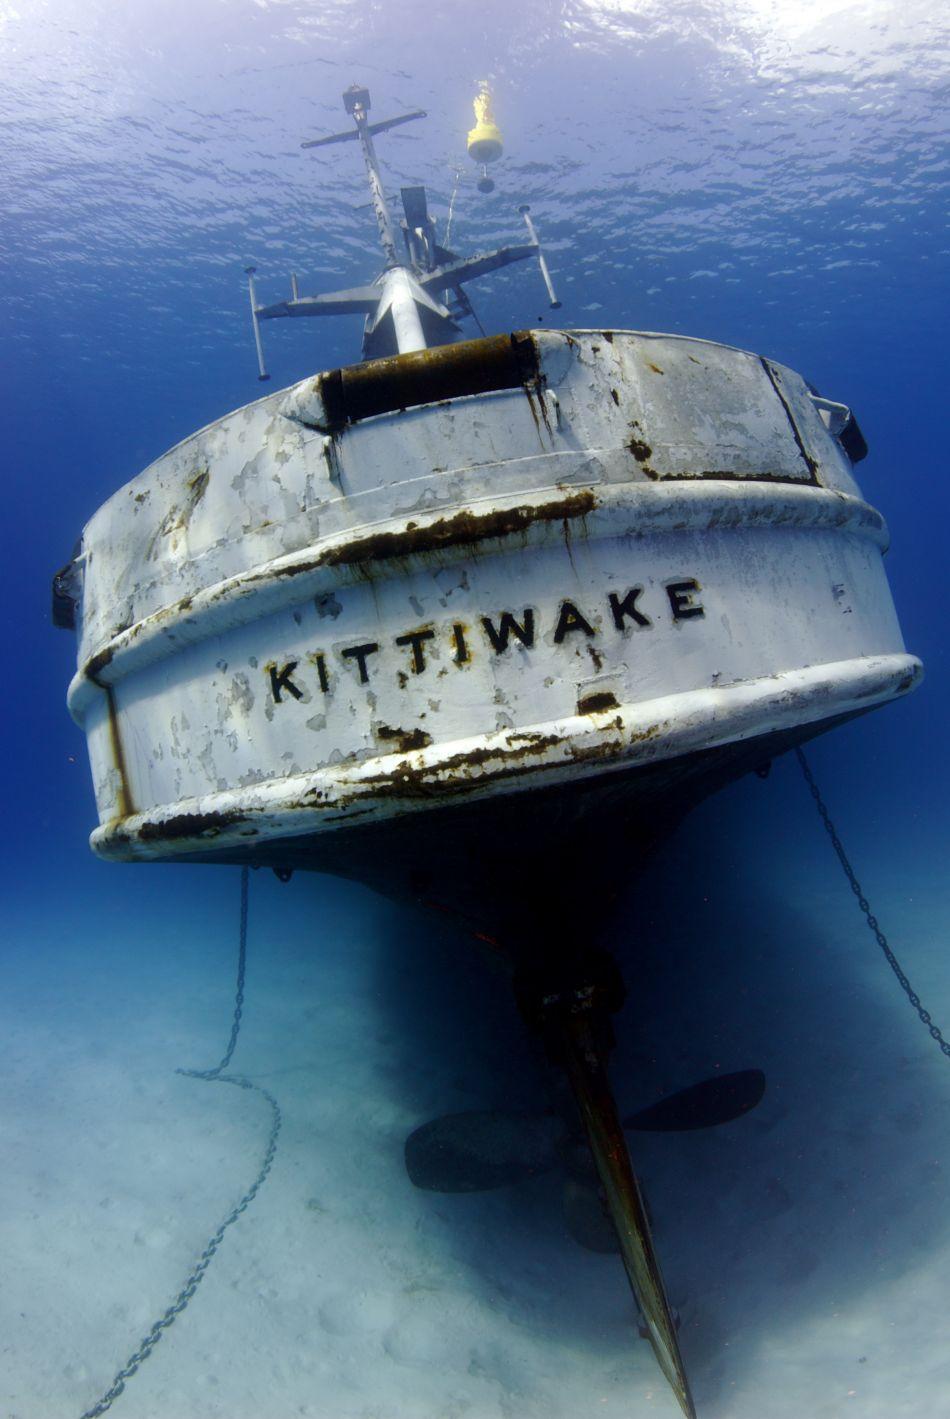 Kittiwake - stern